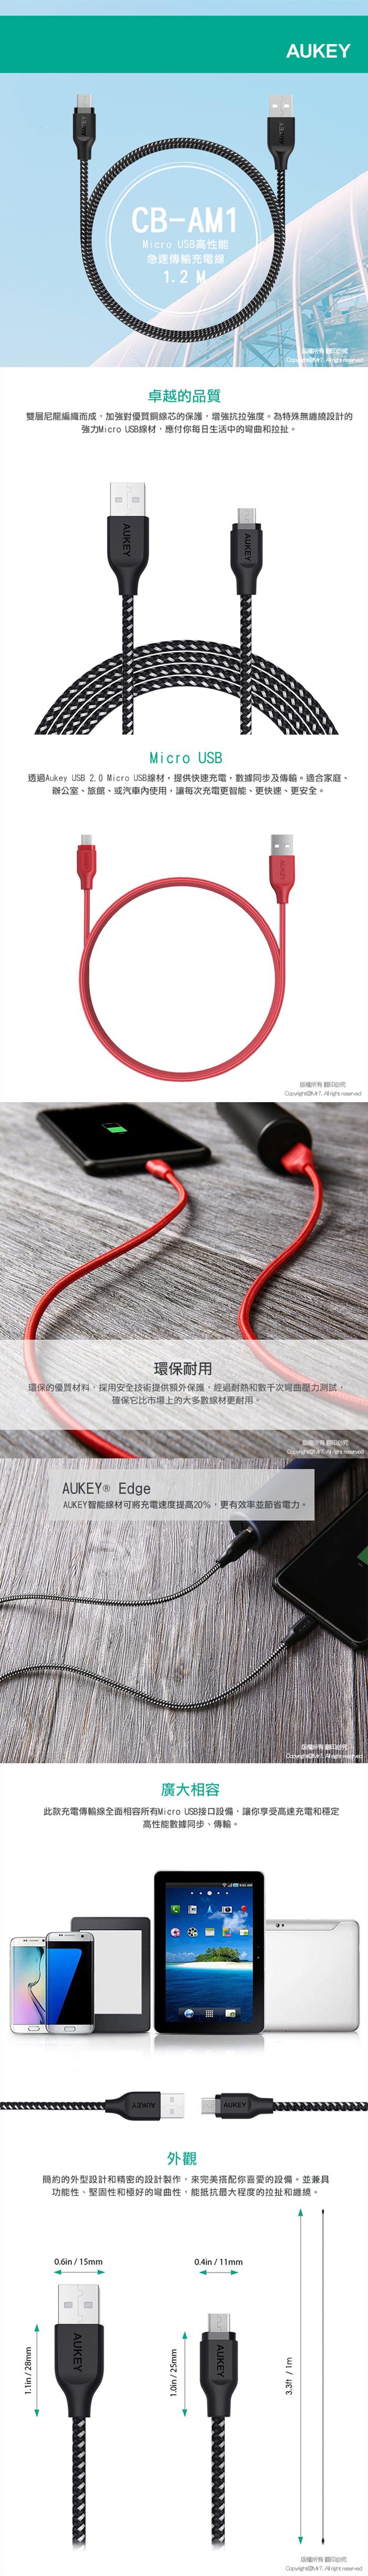 (複製)AUKEY CB-AC1 編織尼龍USB 3.1 USB-A轉USB-C電纜